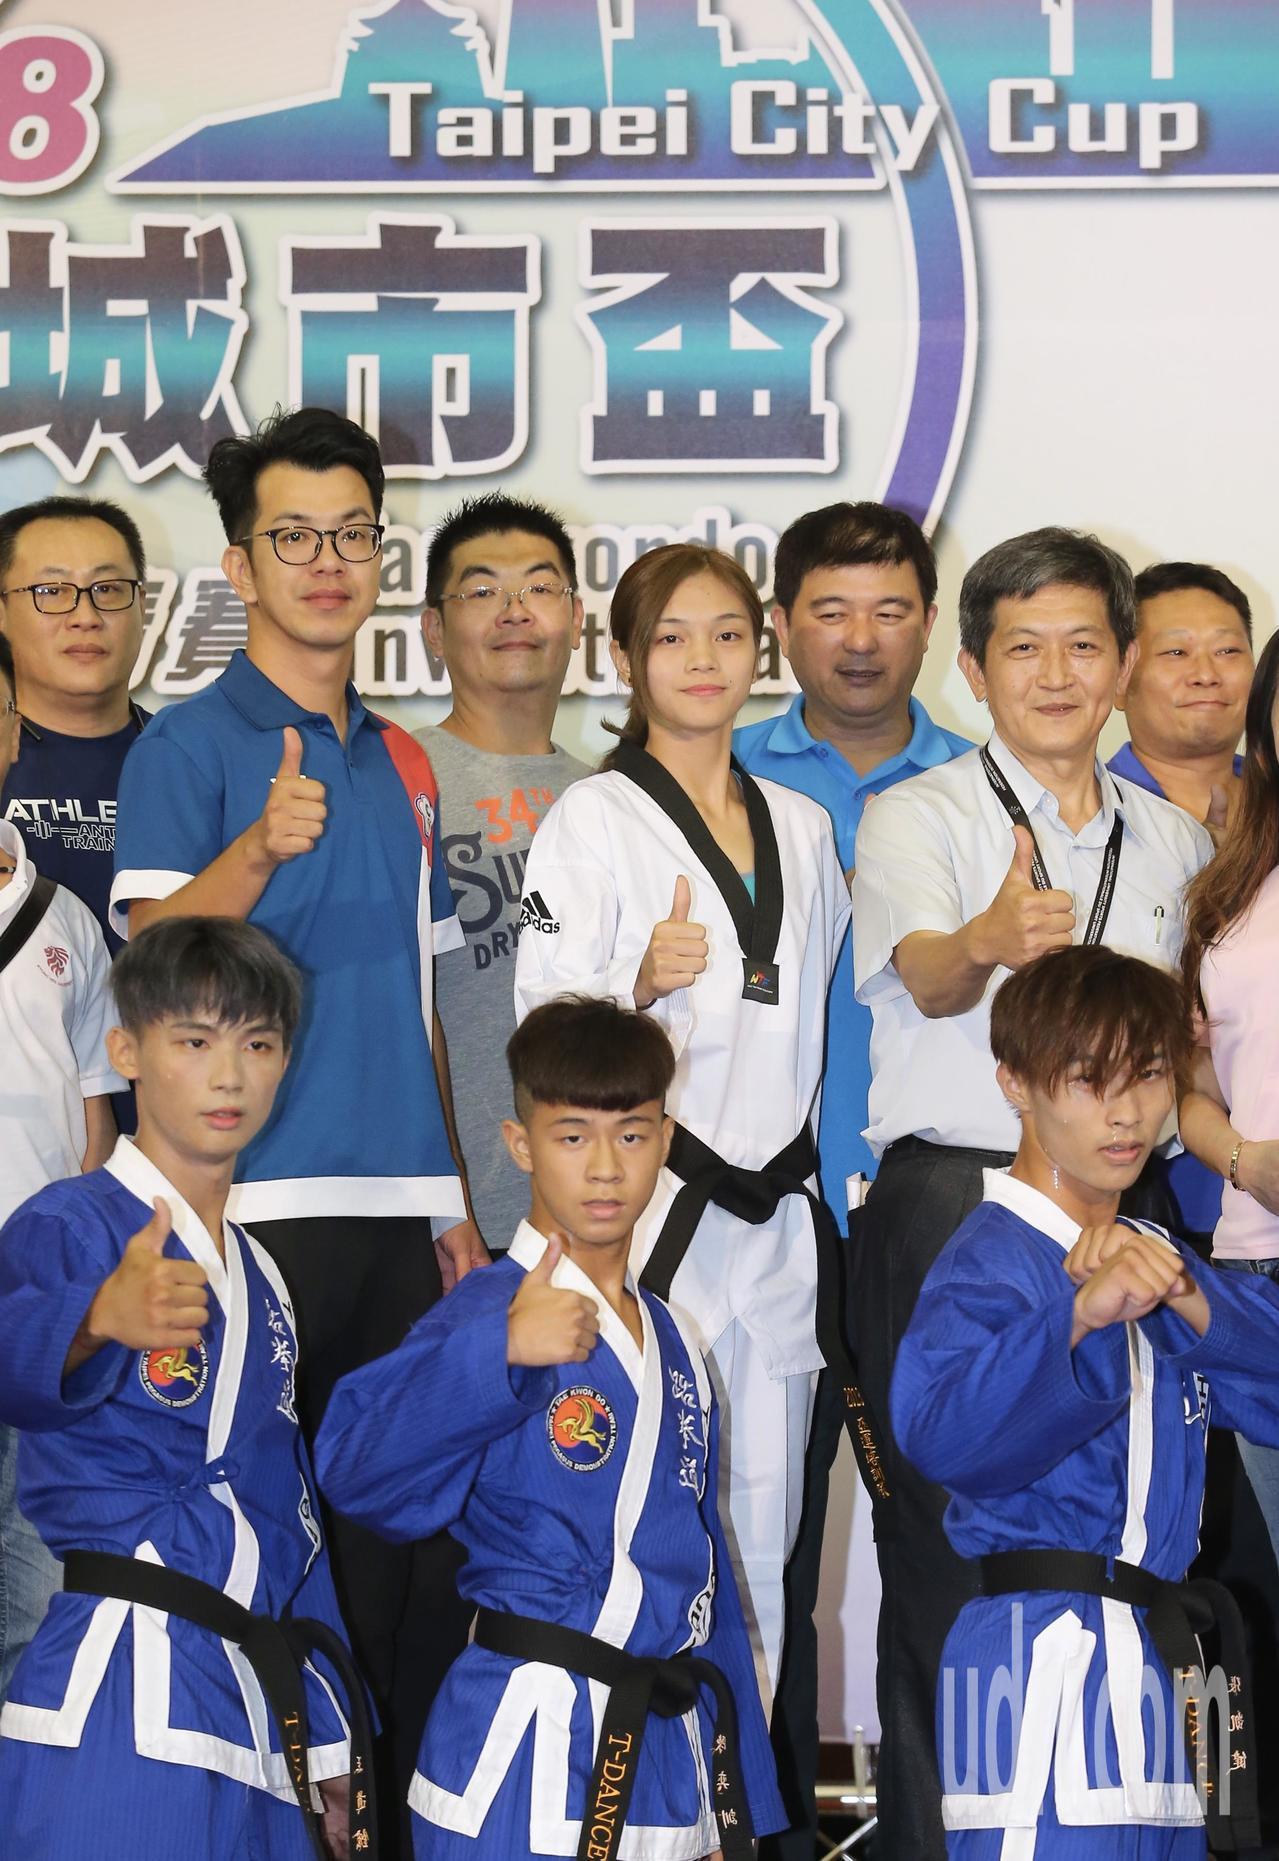 亞運跆拳道金牌得主蘇柏亞(中)與教練蘇泰源(左),一同為城市盃跆拳邀請賽宣傳活動...